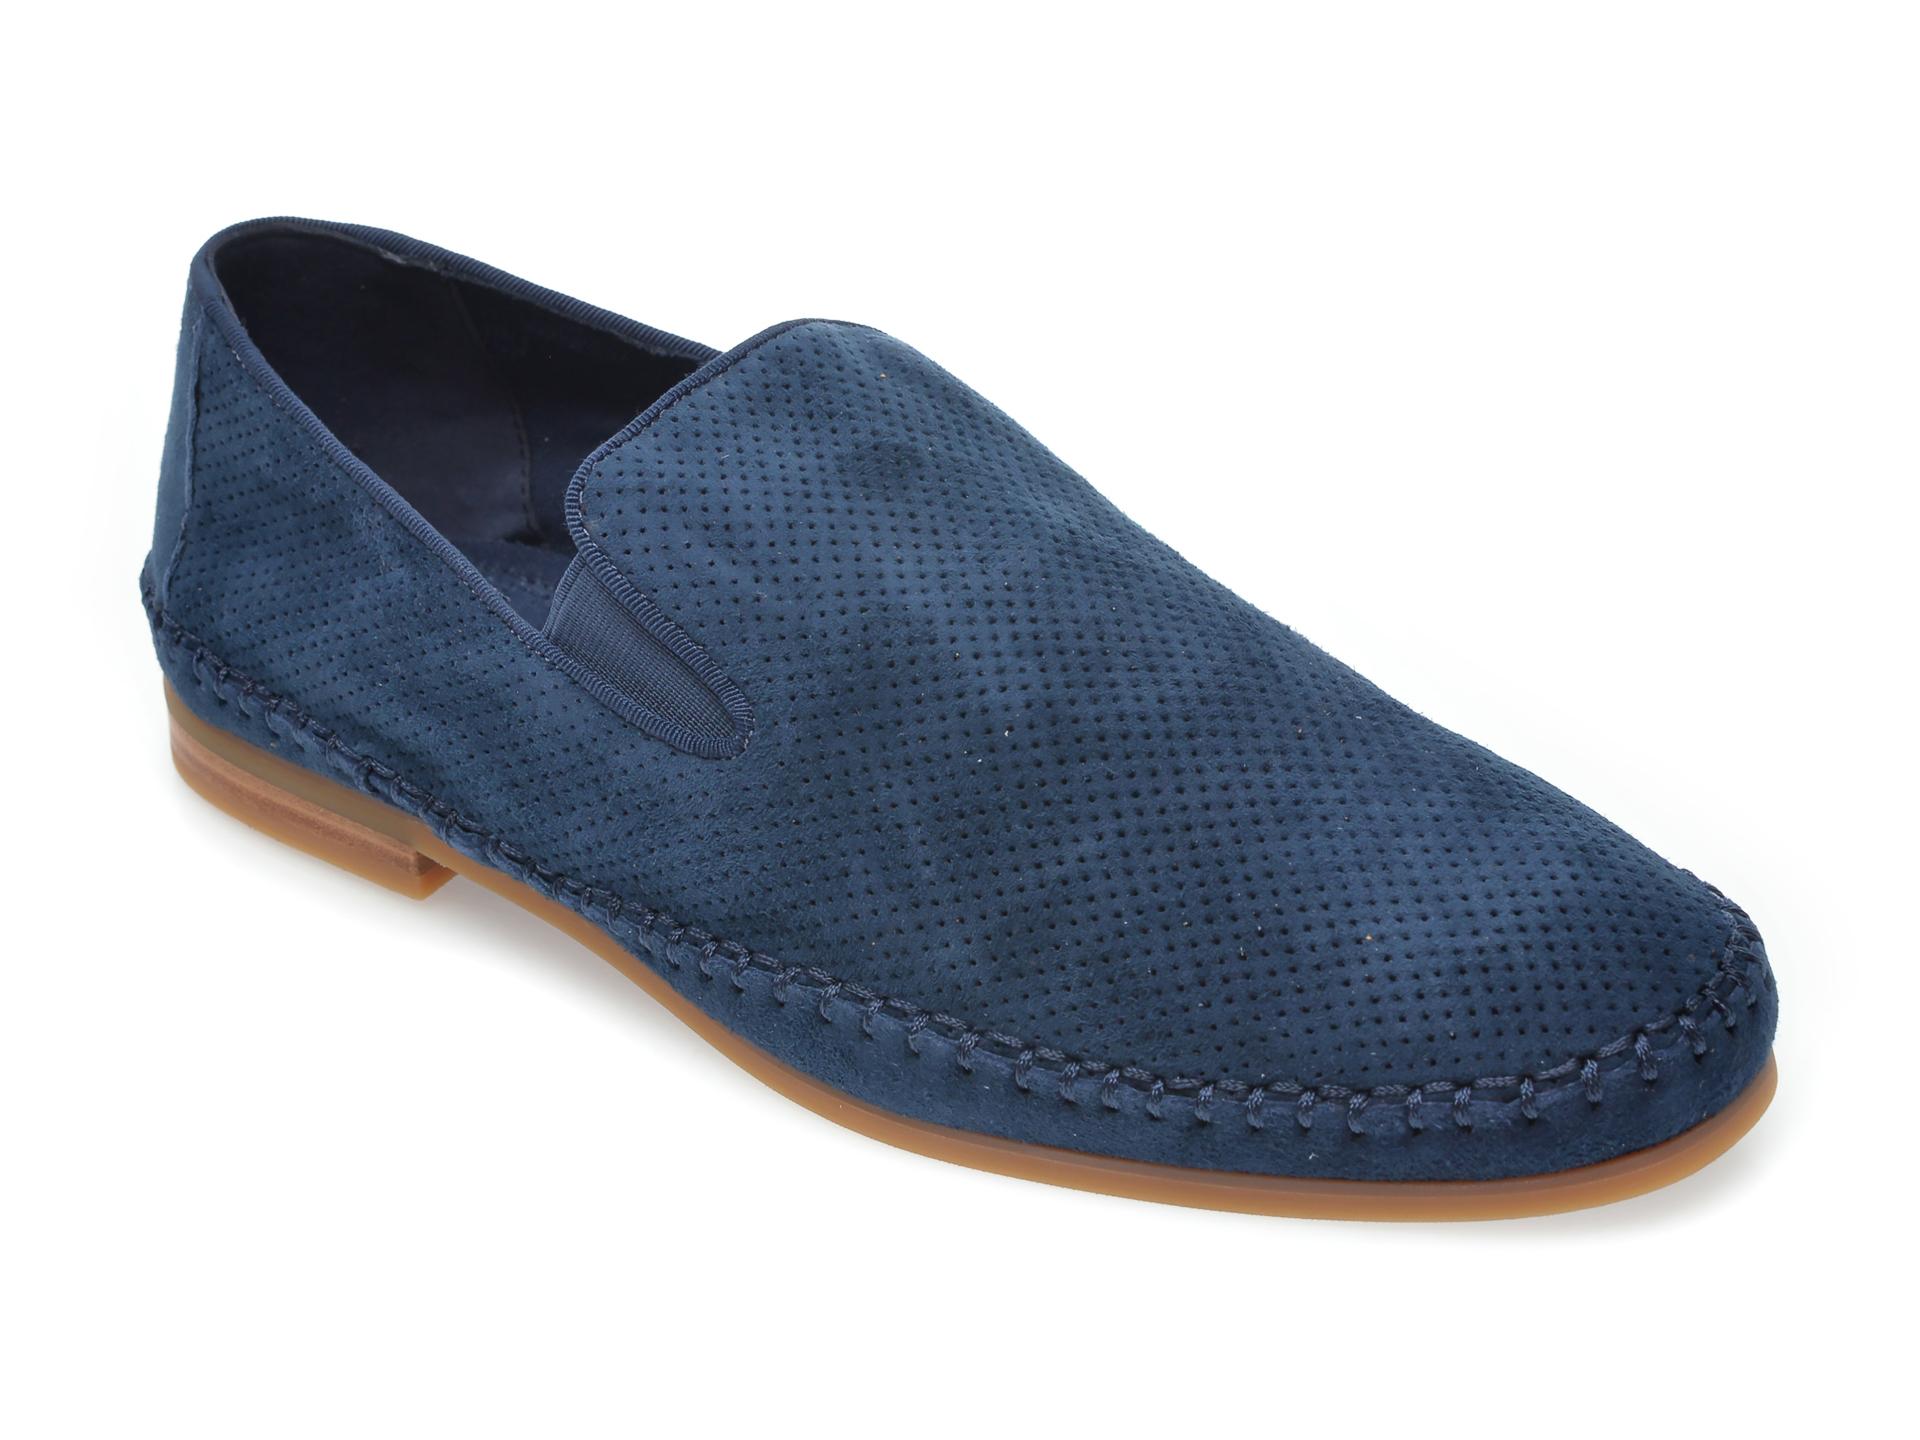 Pantofi ALDO bleumarin, Taurinu410, din piele intoarsa imagine